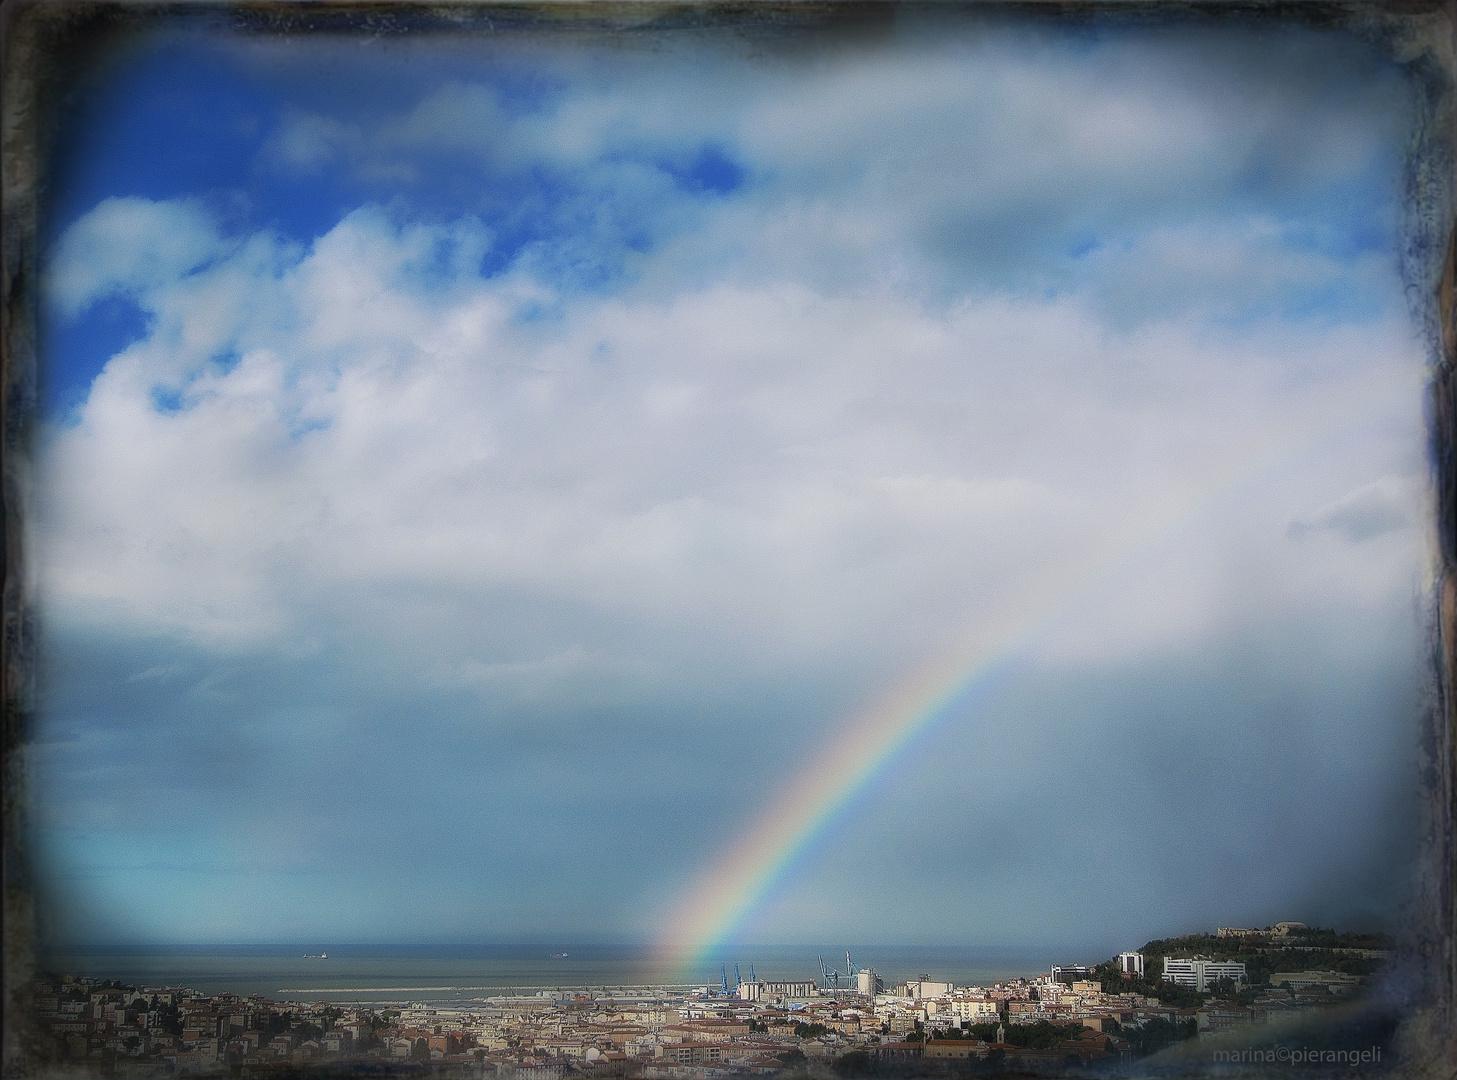 L'arcobaleno e la città